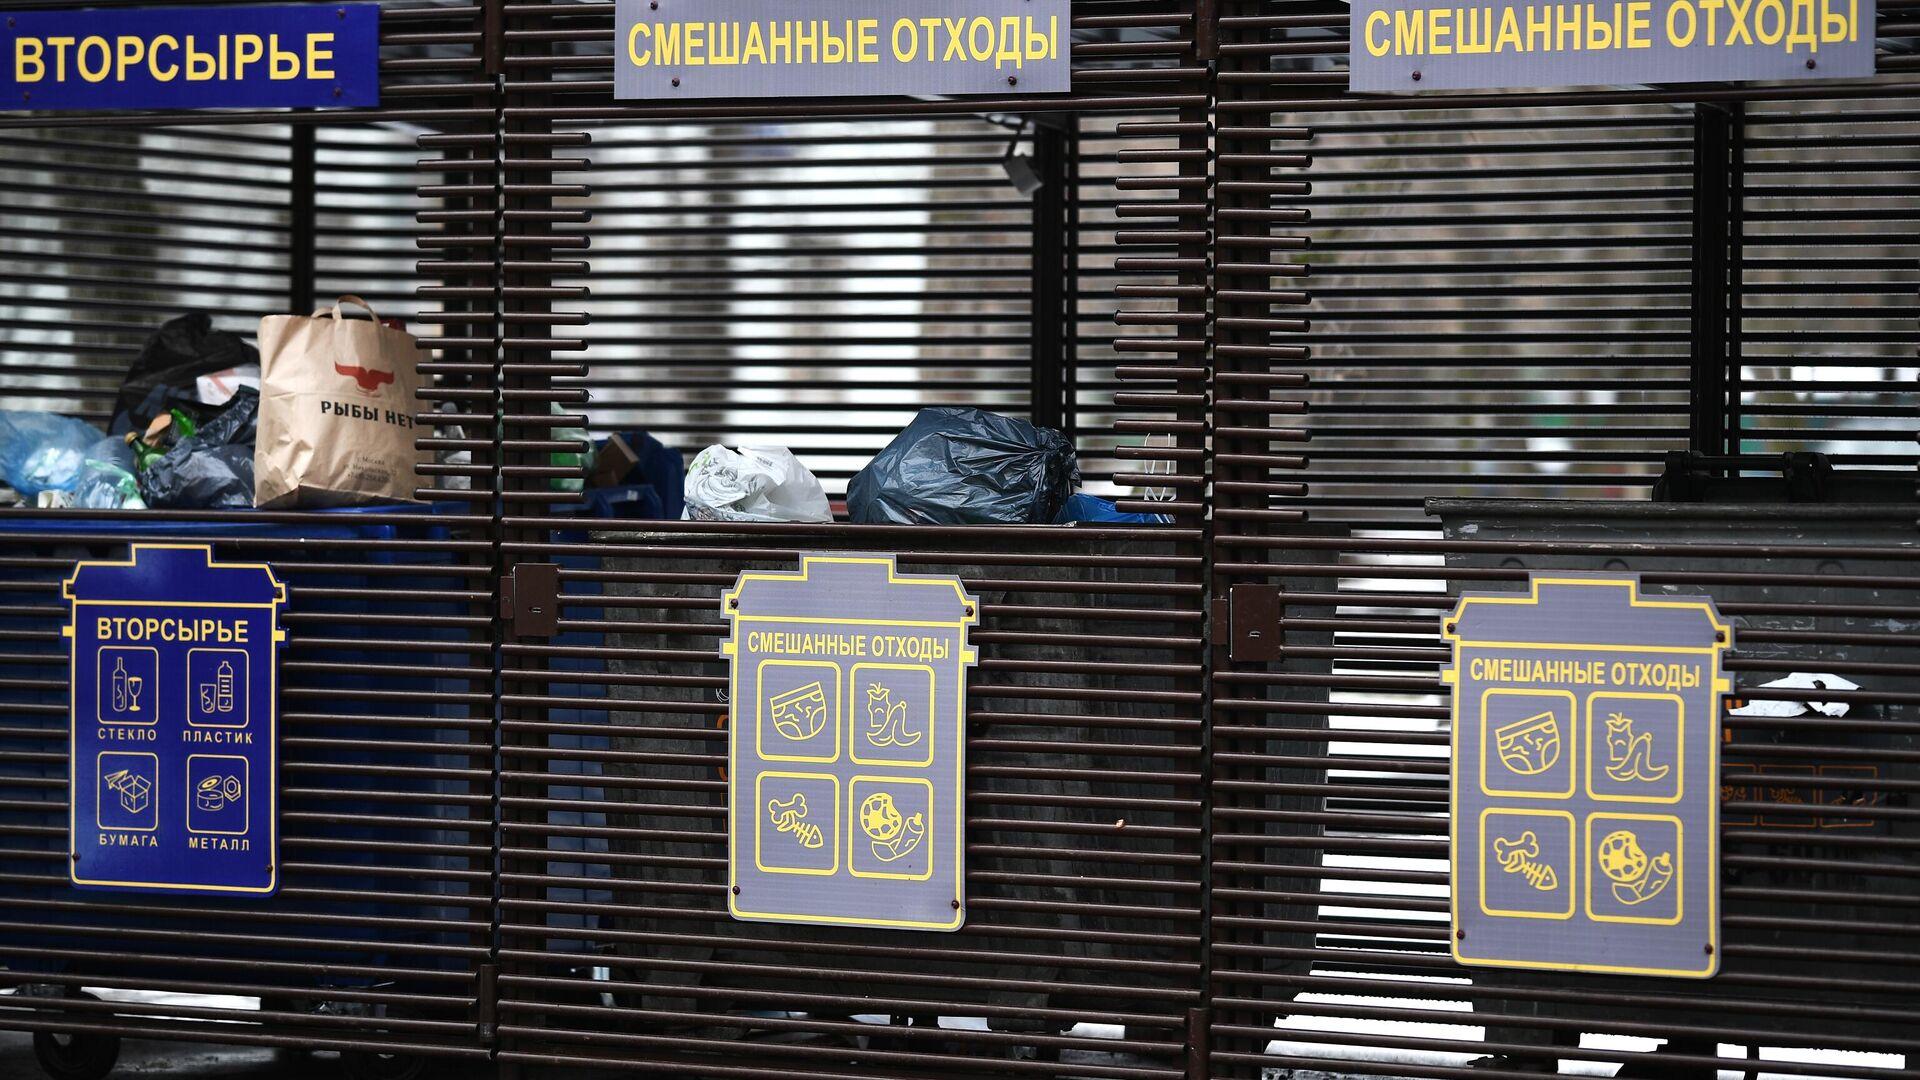 Контейнеры для сбора отходов в одном из дворов в Москве - РИА Новости, 1920, 18.06.2021